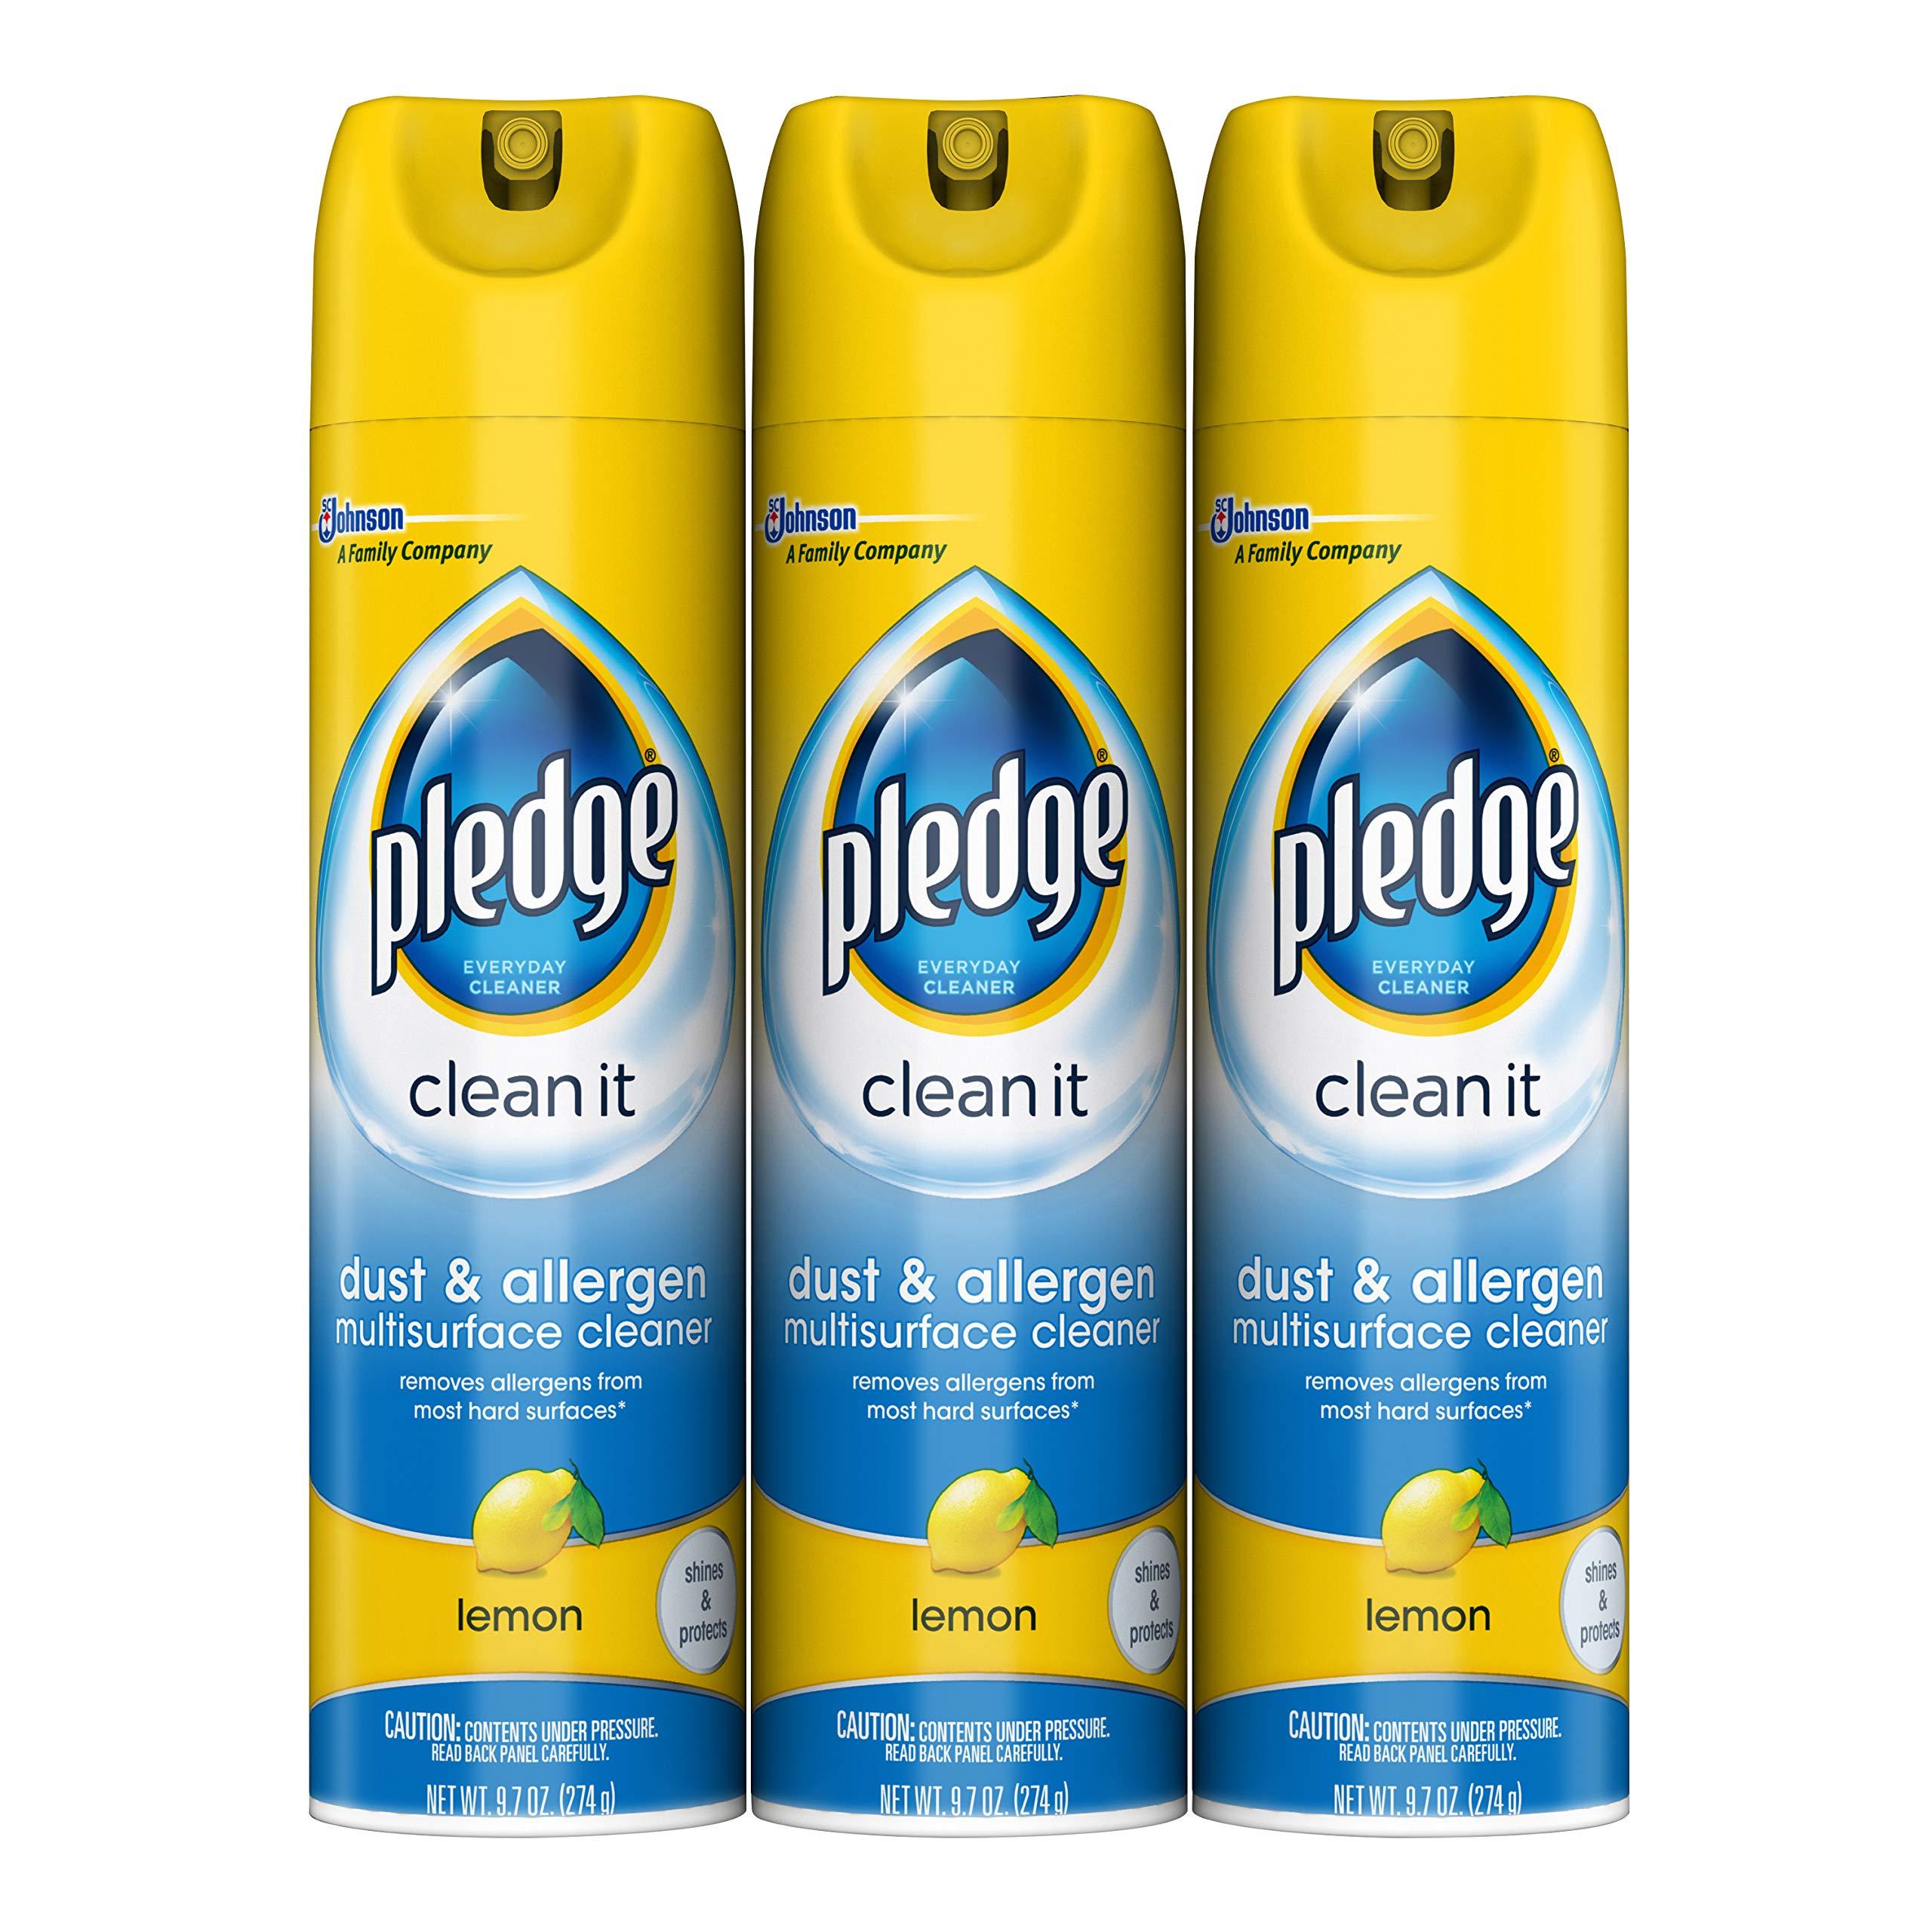 Pledge Dust & Allergen Multisurface Cleaner, Lemon, 9.7 oz, ...